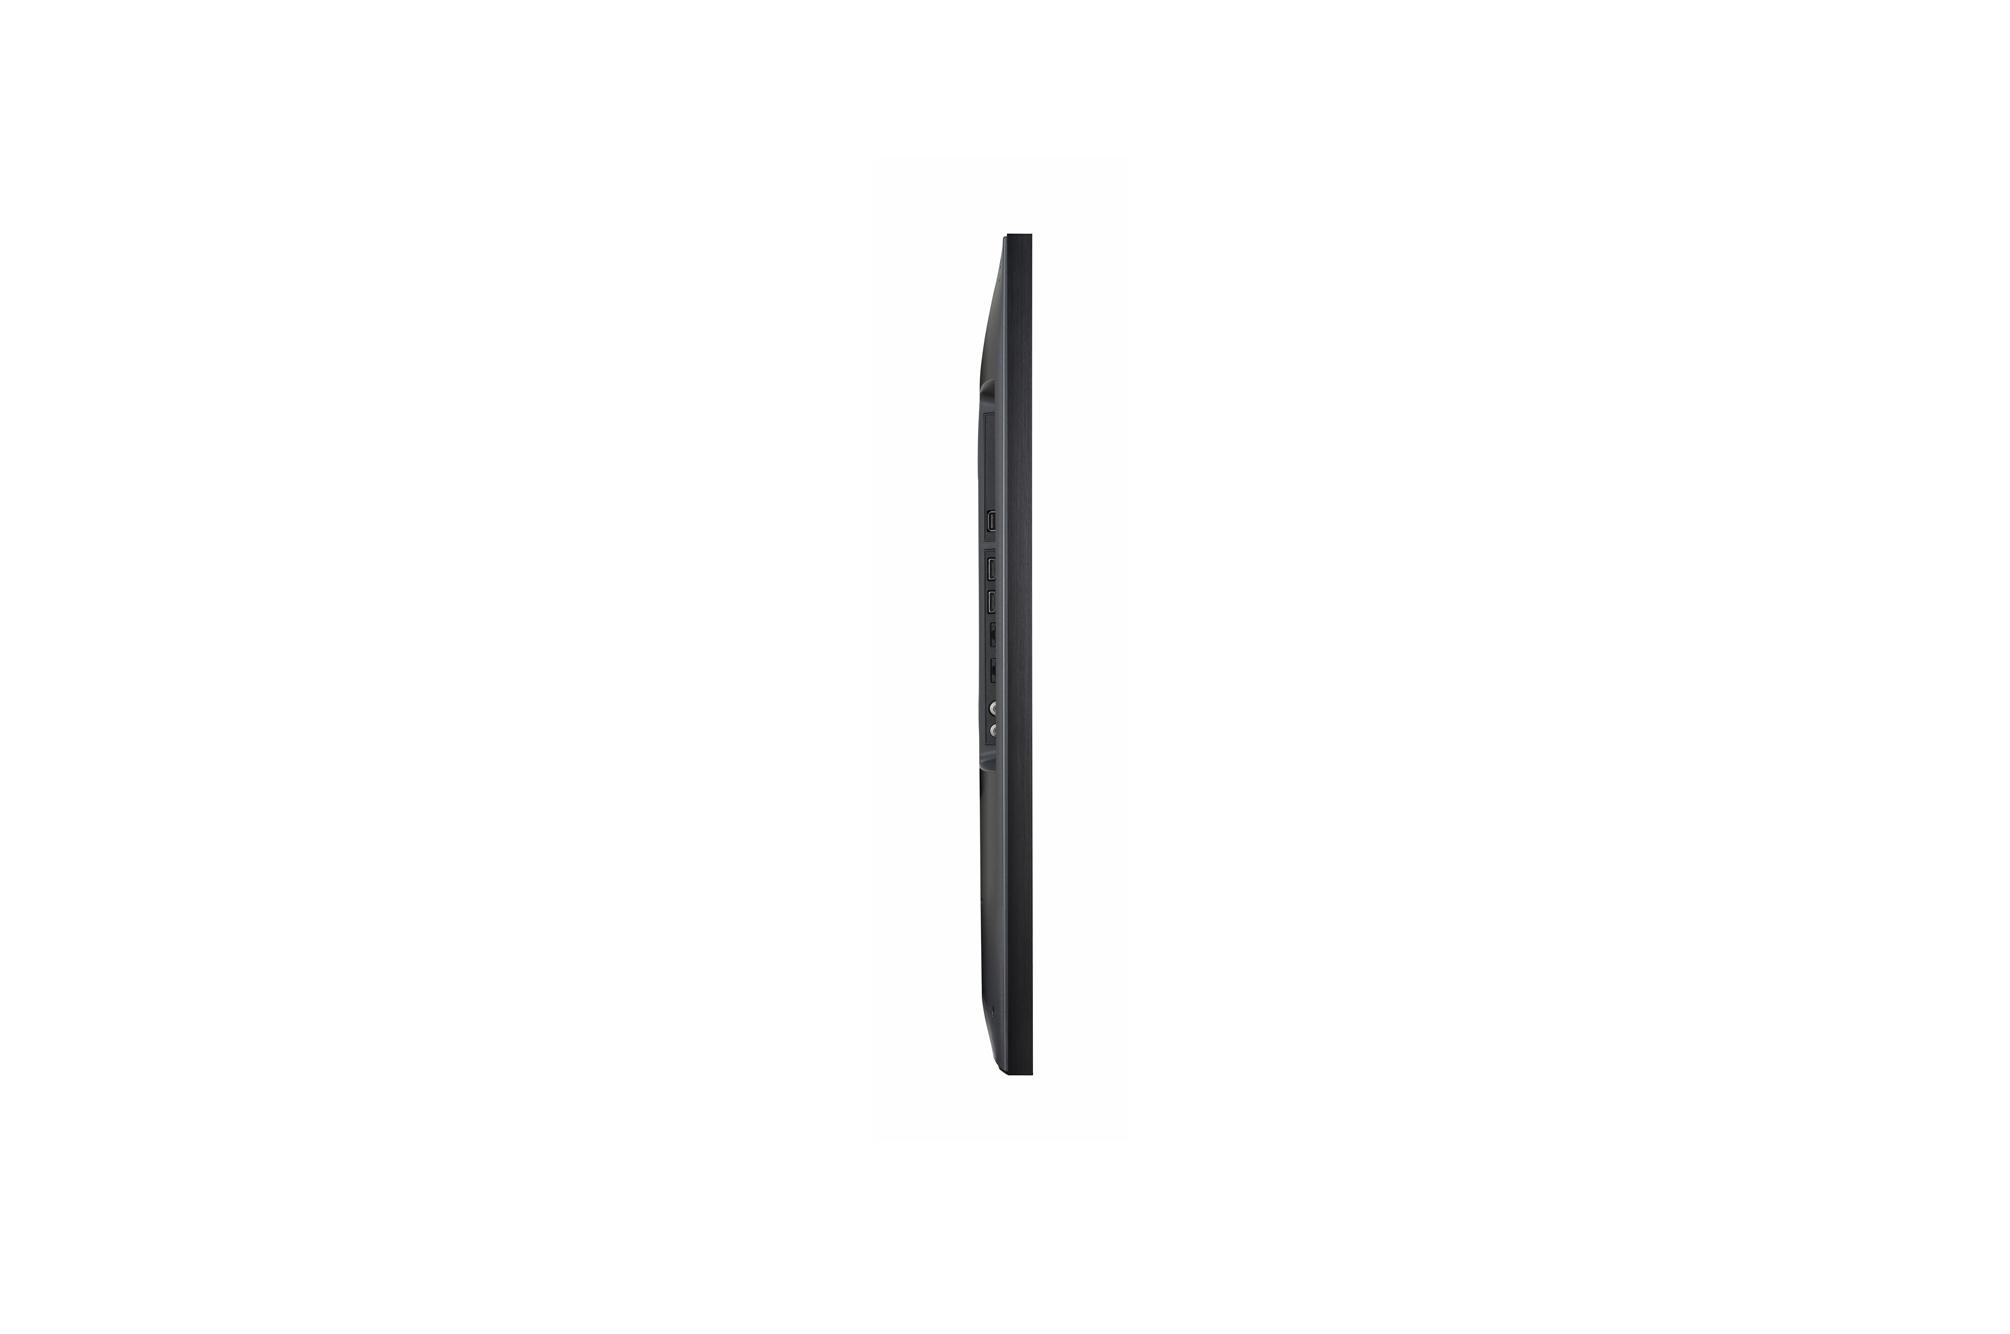 LG Standard Premium 55UH5F-B 4